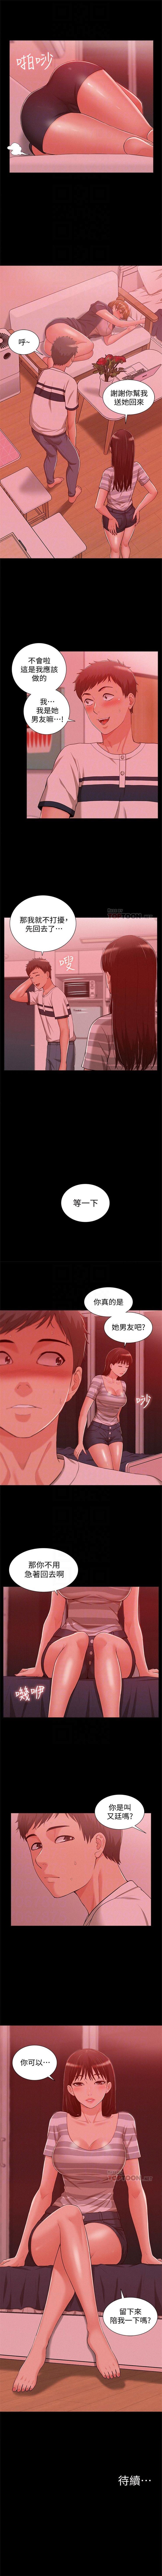 (周4)难言之隐 1-19 中文翻译(更新中) 61